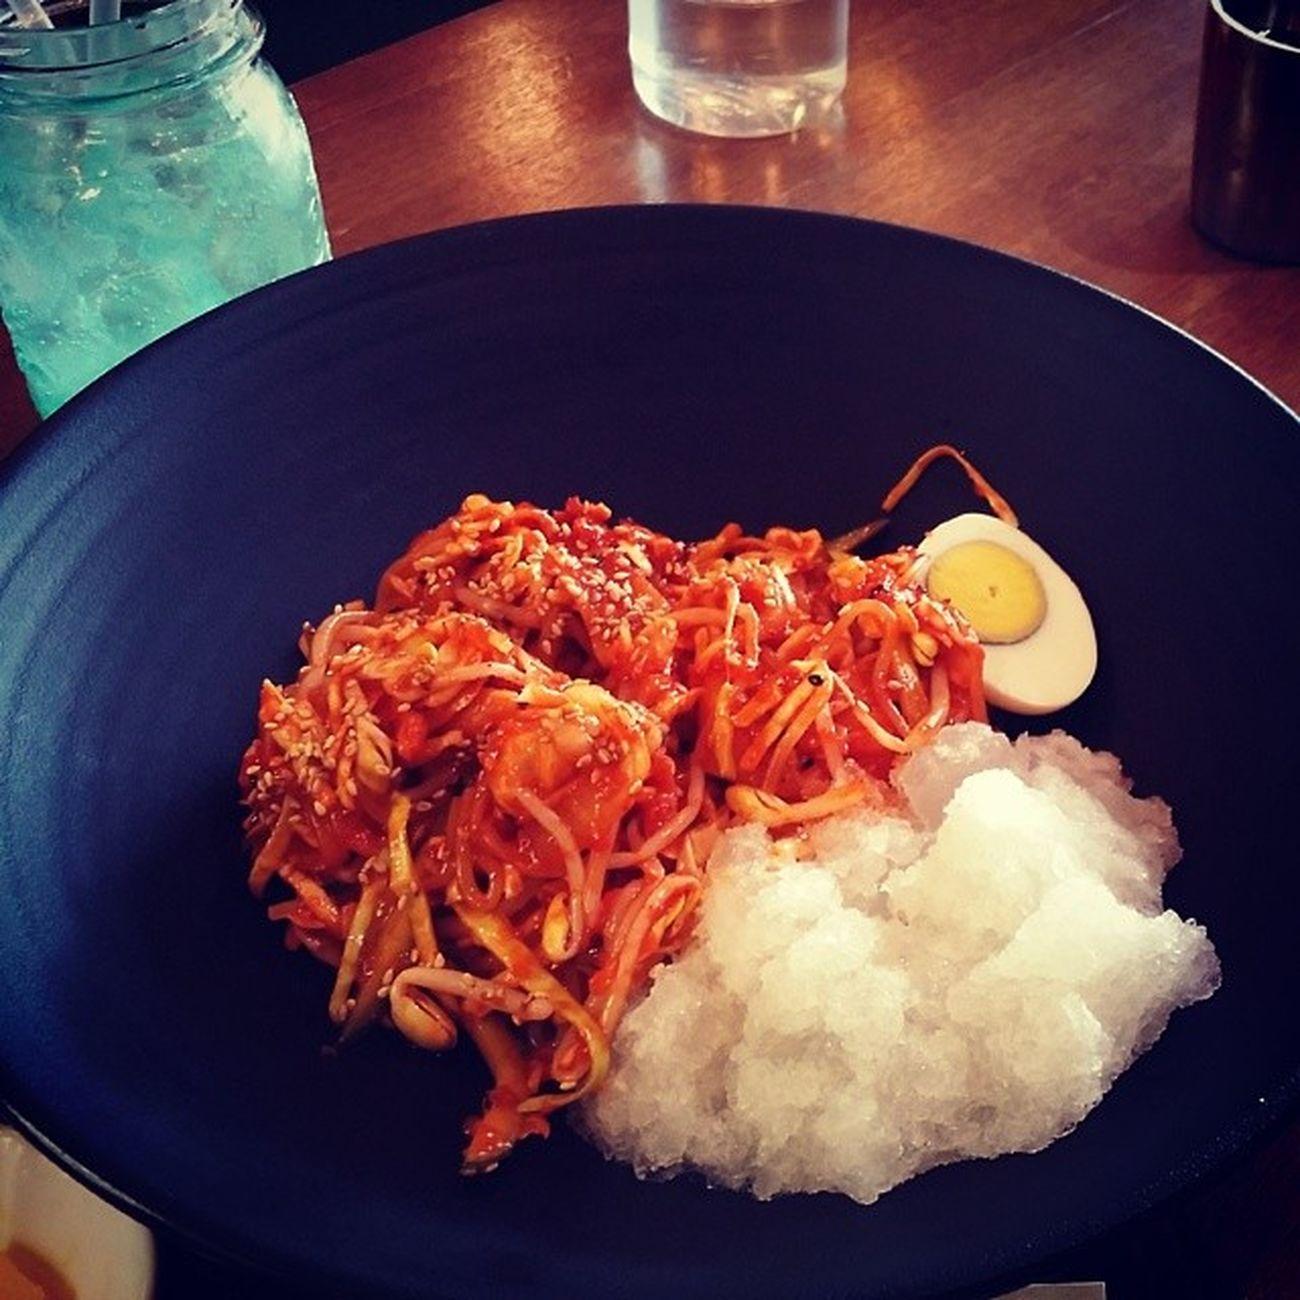 잘먹었읍니다 스쿨푸드 Schoolfood 학교 떡볶이 퓨전분식 koreafood foodstagram 먹스타그램 맛스타그램 먹방 쫄쫄면